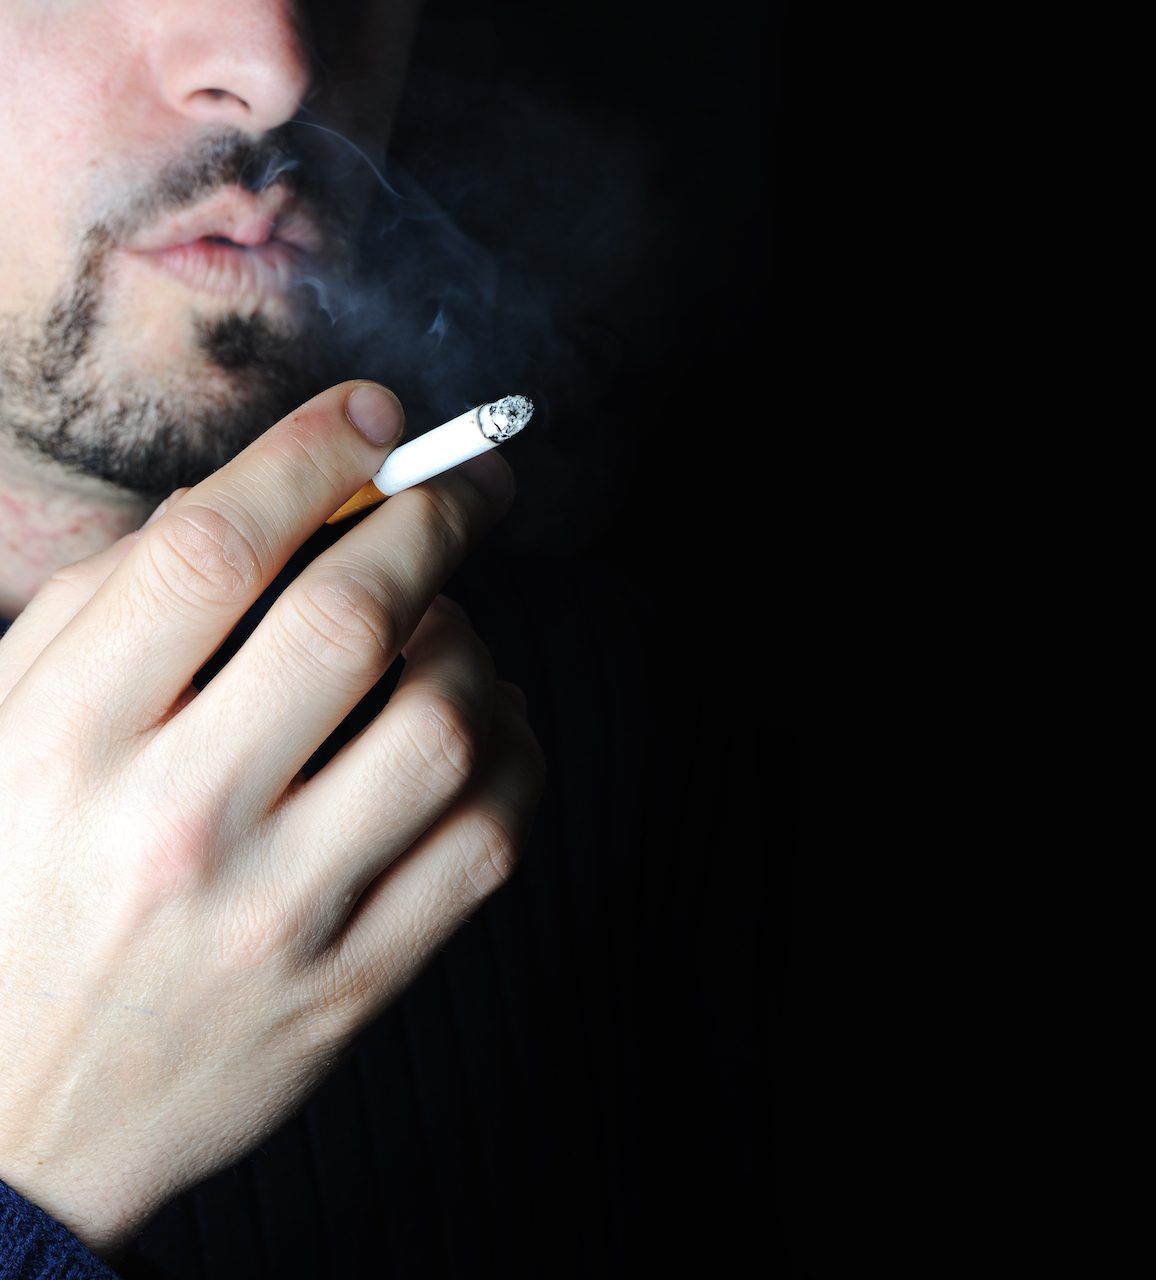 受動喫煙問題、議論の分かれる飲食店での分煙対策